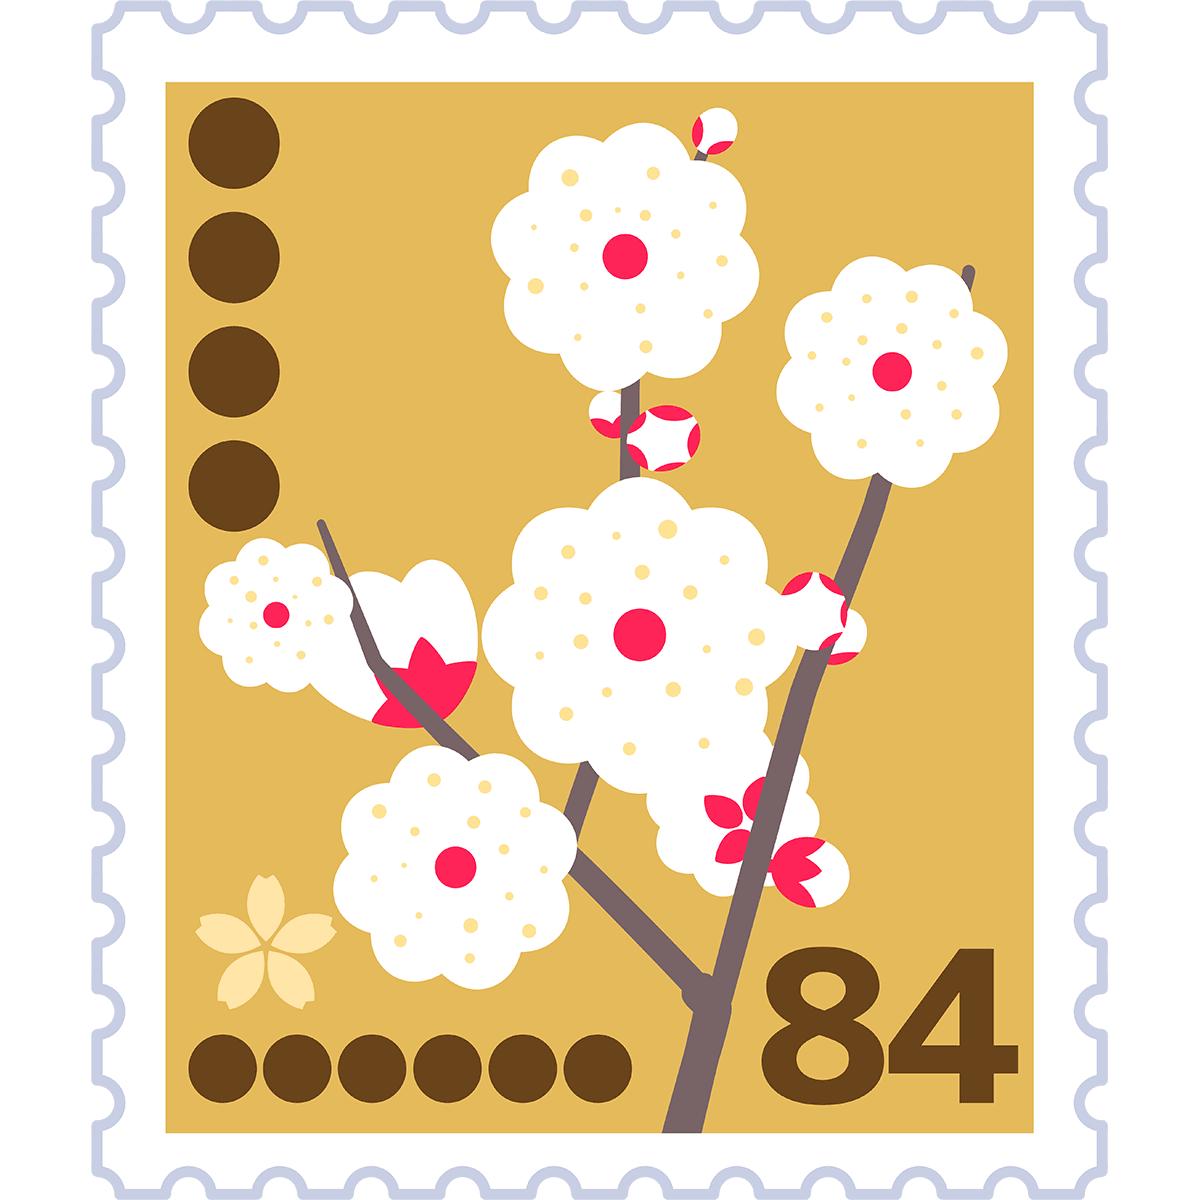 84円切手の無料イラスト